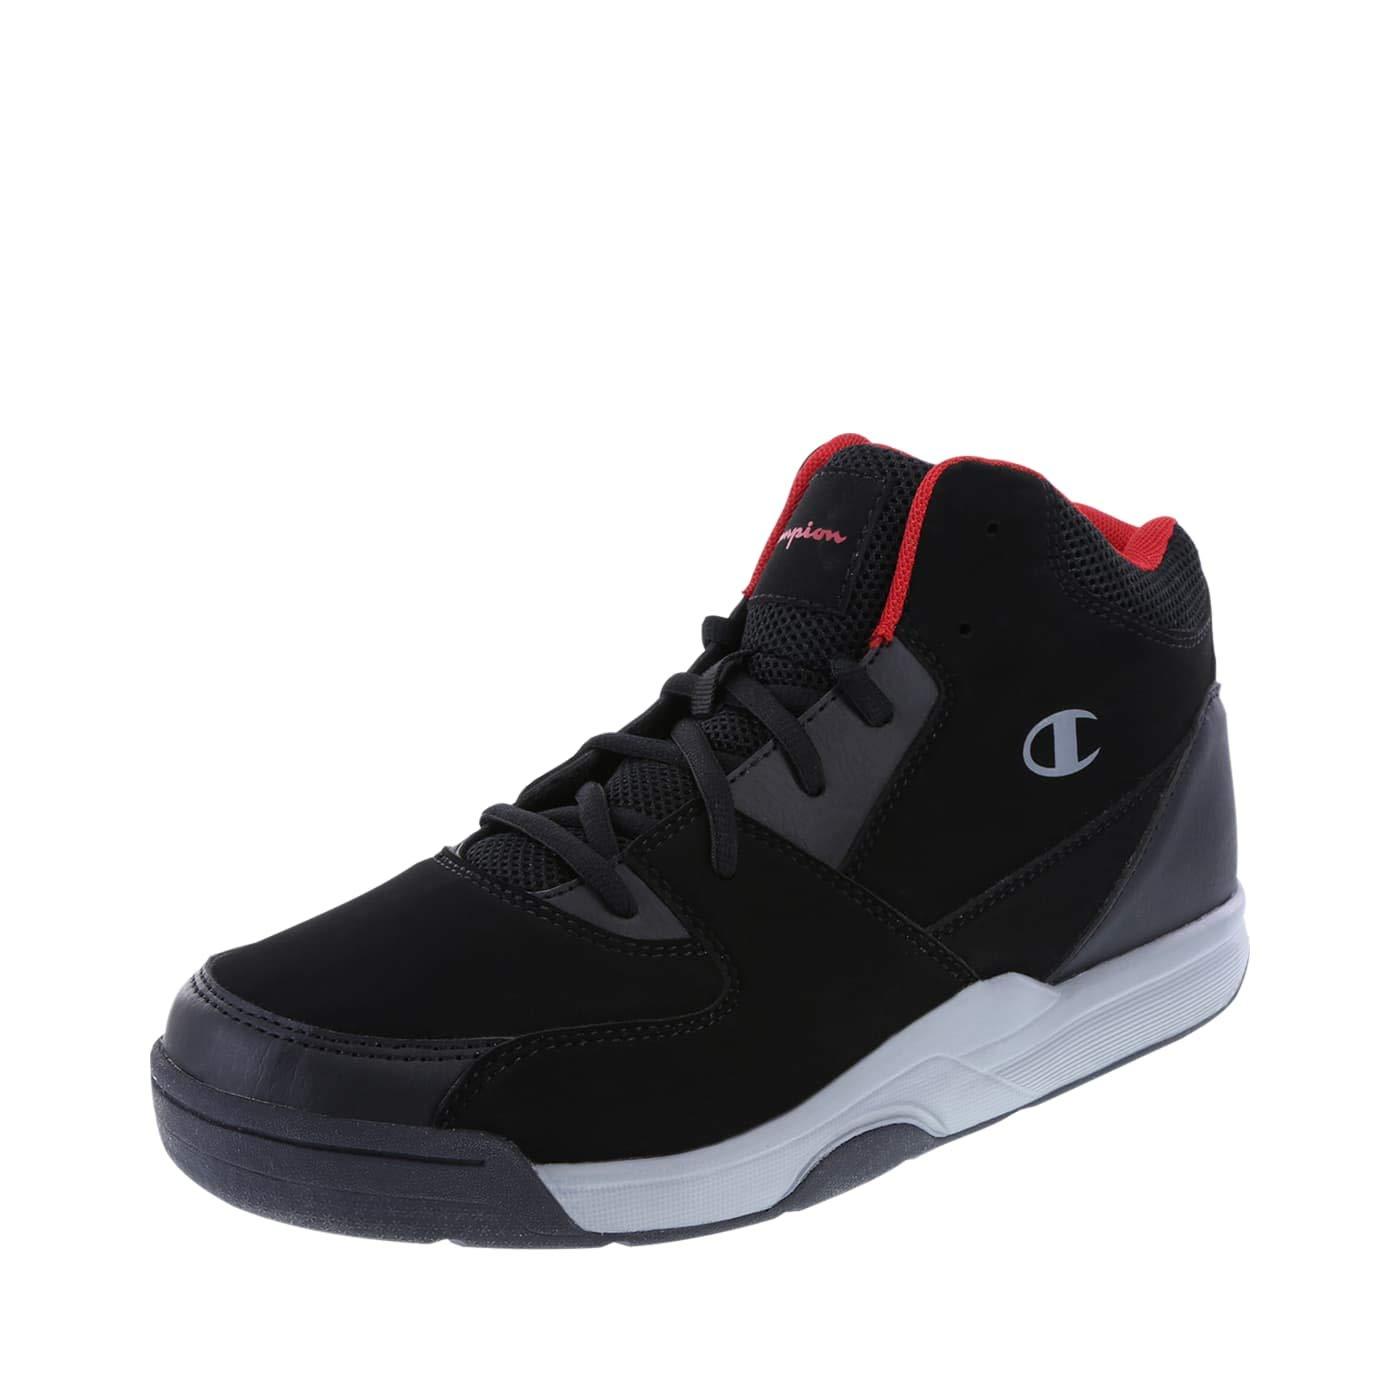 Overtime Basketball Shoe